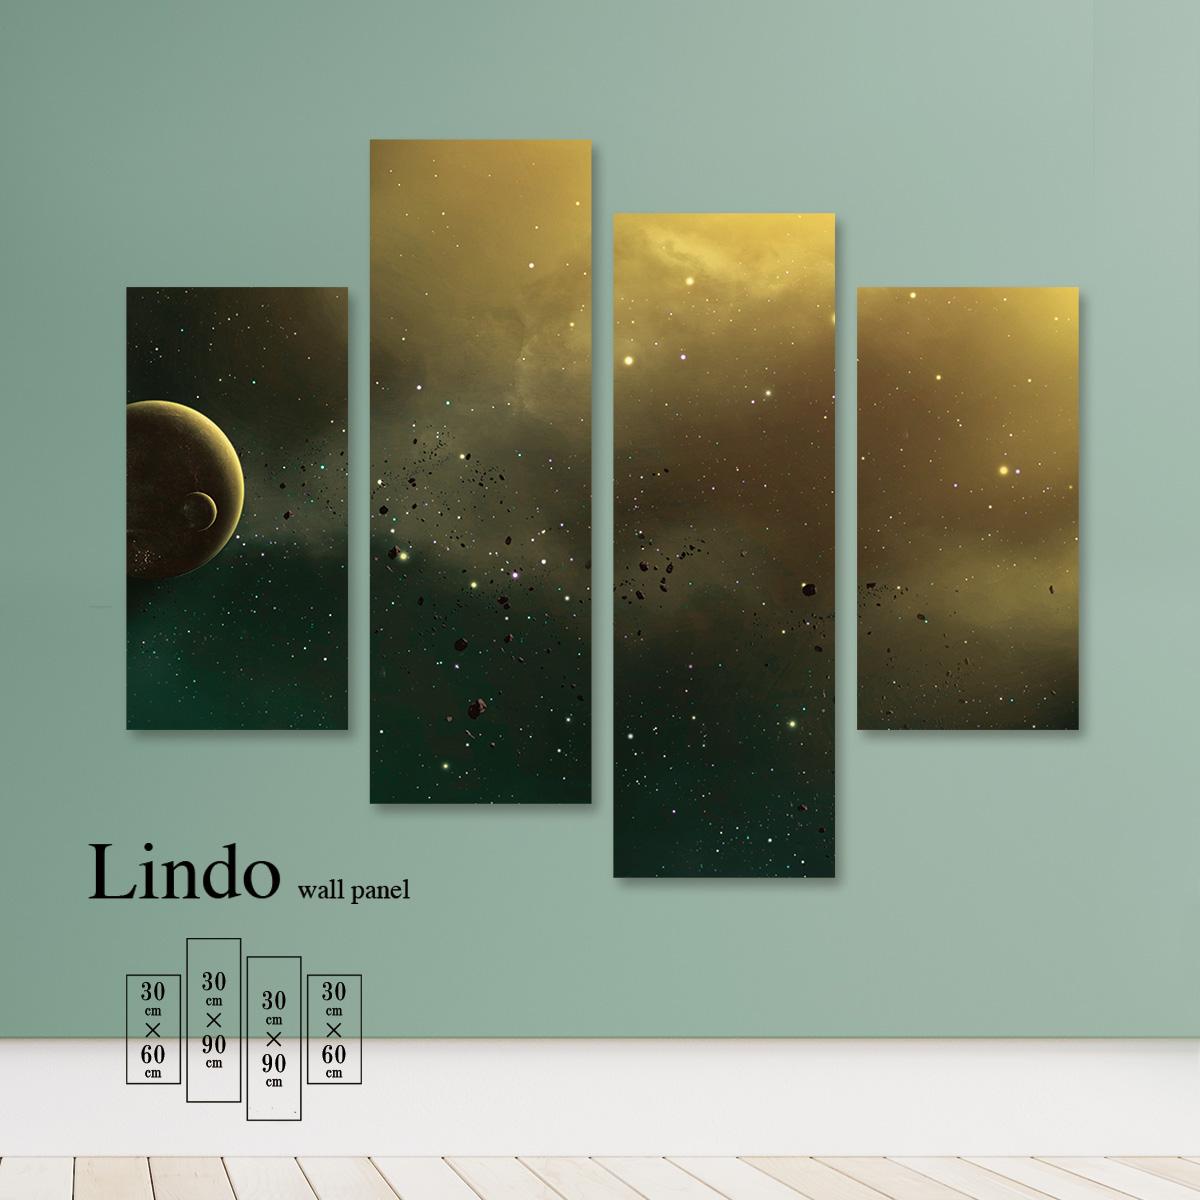 アートパネル 宇宙 惑星 銀河 アート イラスト 星 シンプル かっこいい 壁掛け 北欧 お洒落 デザイン ファブリック 壁飾り アートボード 4枚パネル